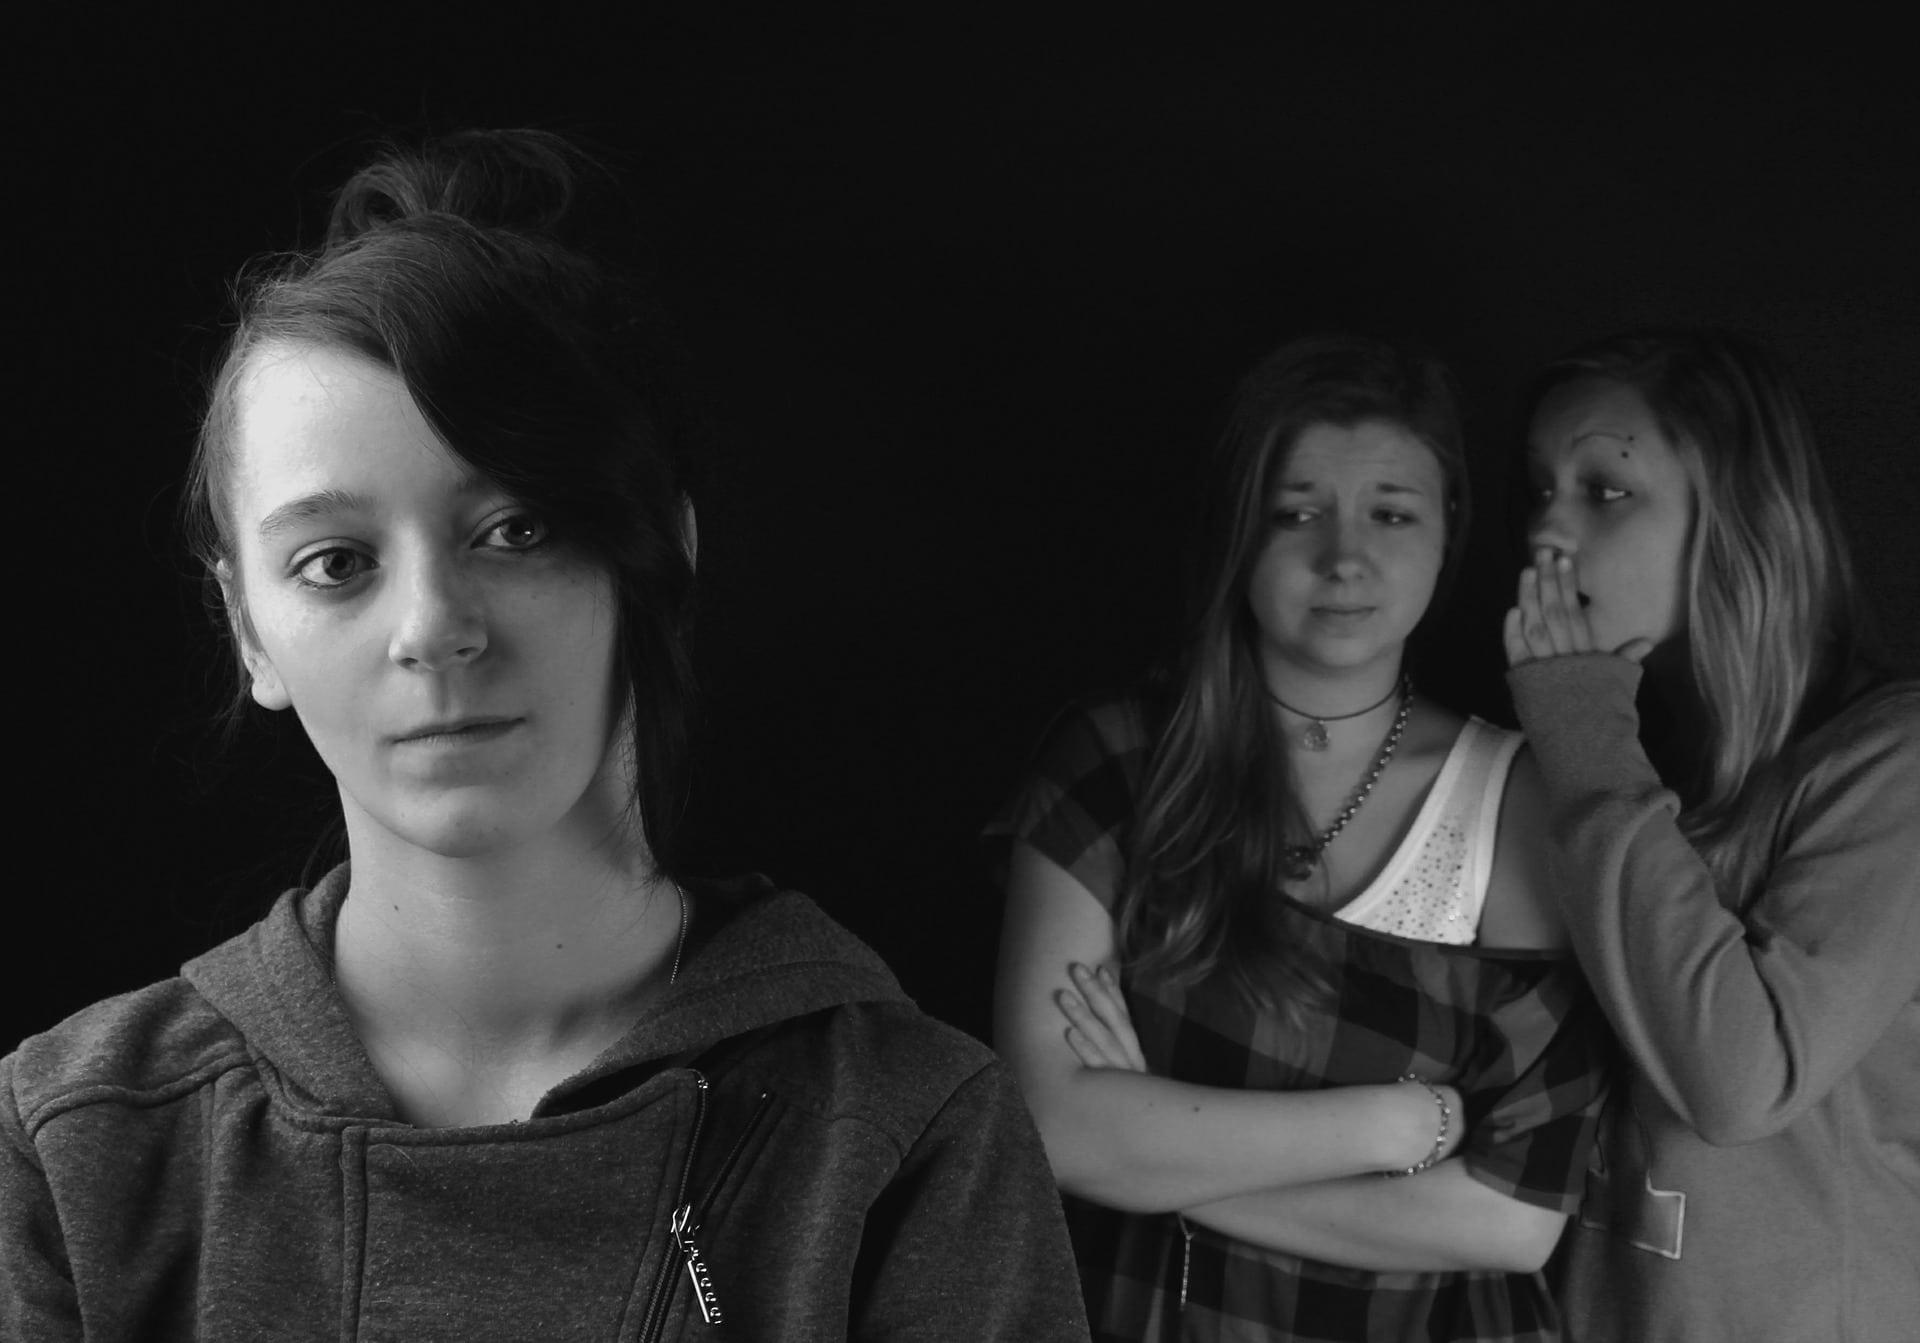 Duas meninas ao fundo fazem fofoca sobre outra garota, mais a frente. O rosto desta expressa desconforto, enquanto a das duas outras, estranhamento e superioridade.